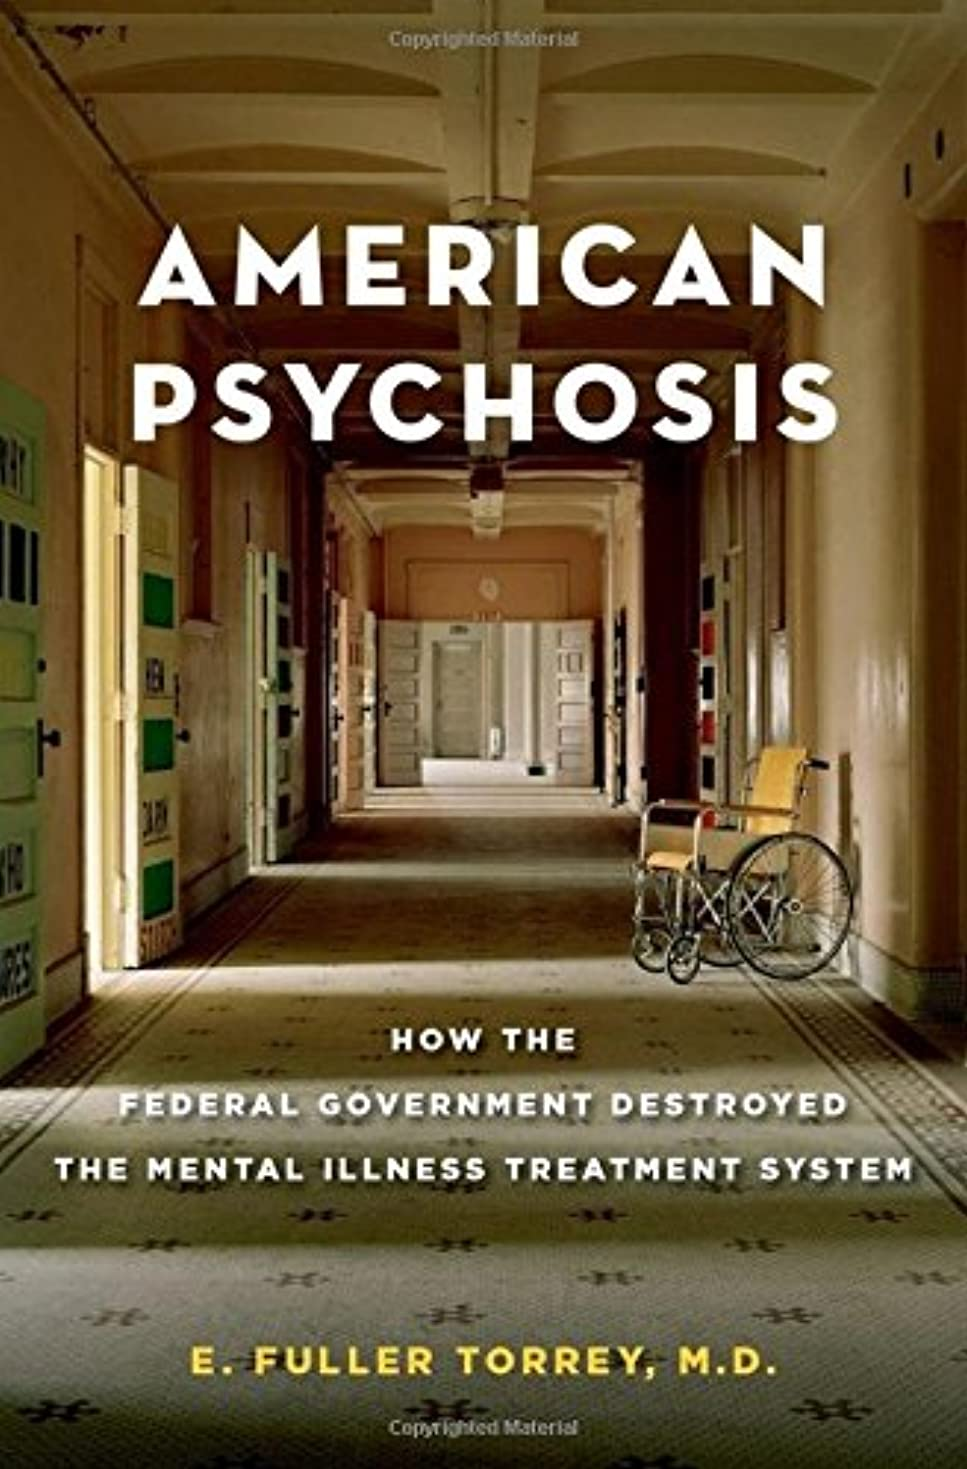 嘆く処分した前提条件American Psychosis: How the Federal Government Destroyed the Mental Illness Treatment System